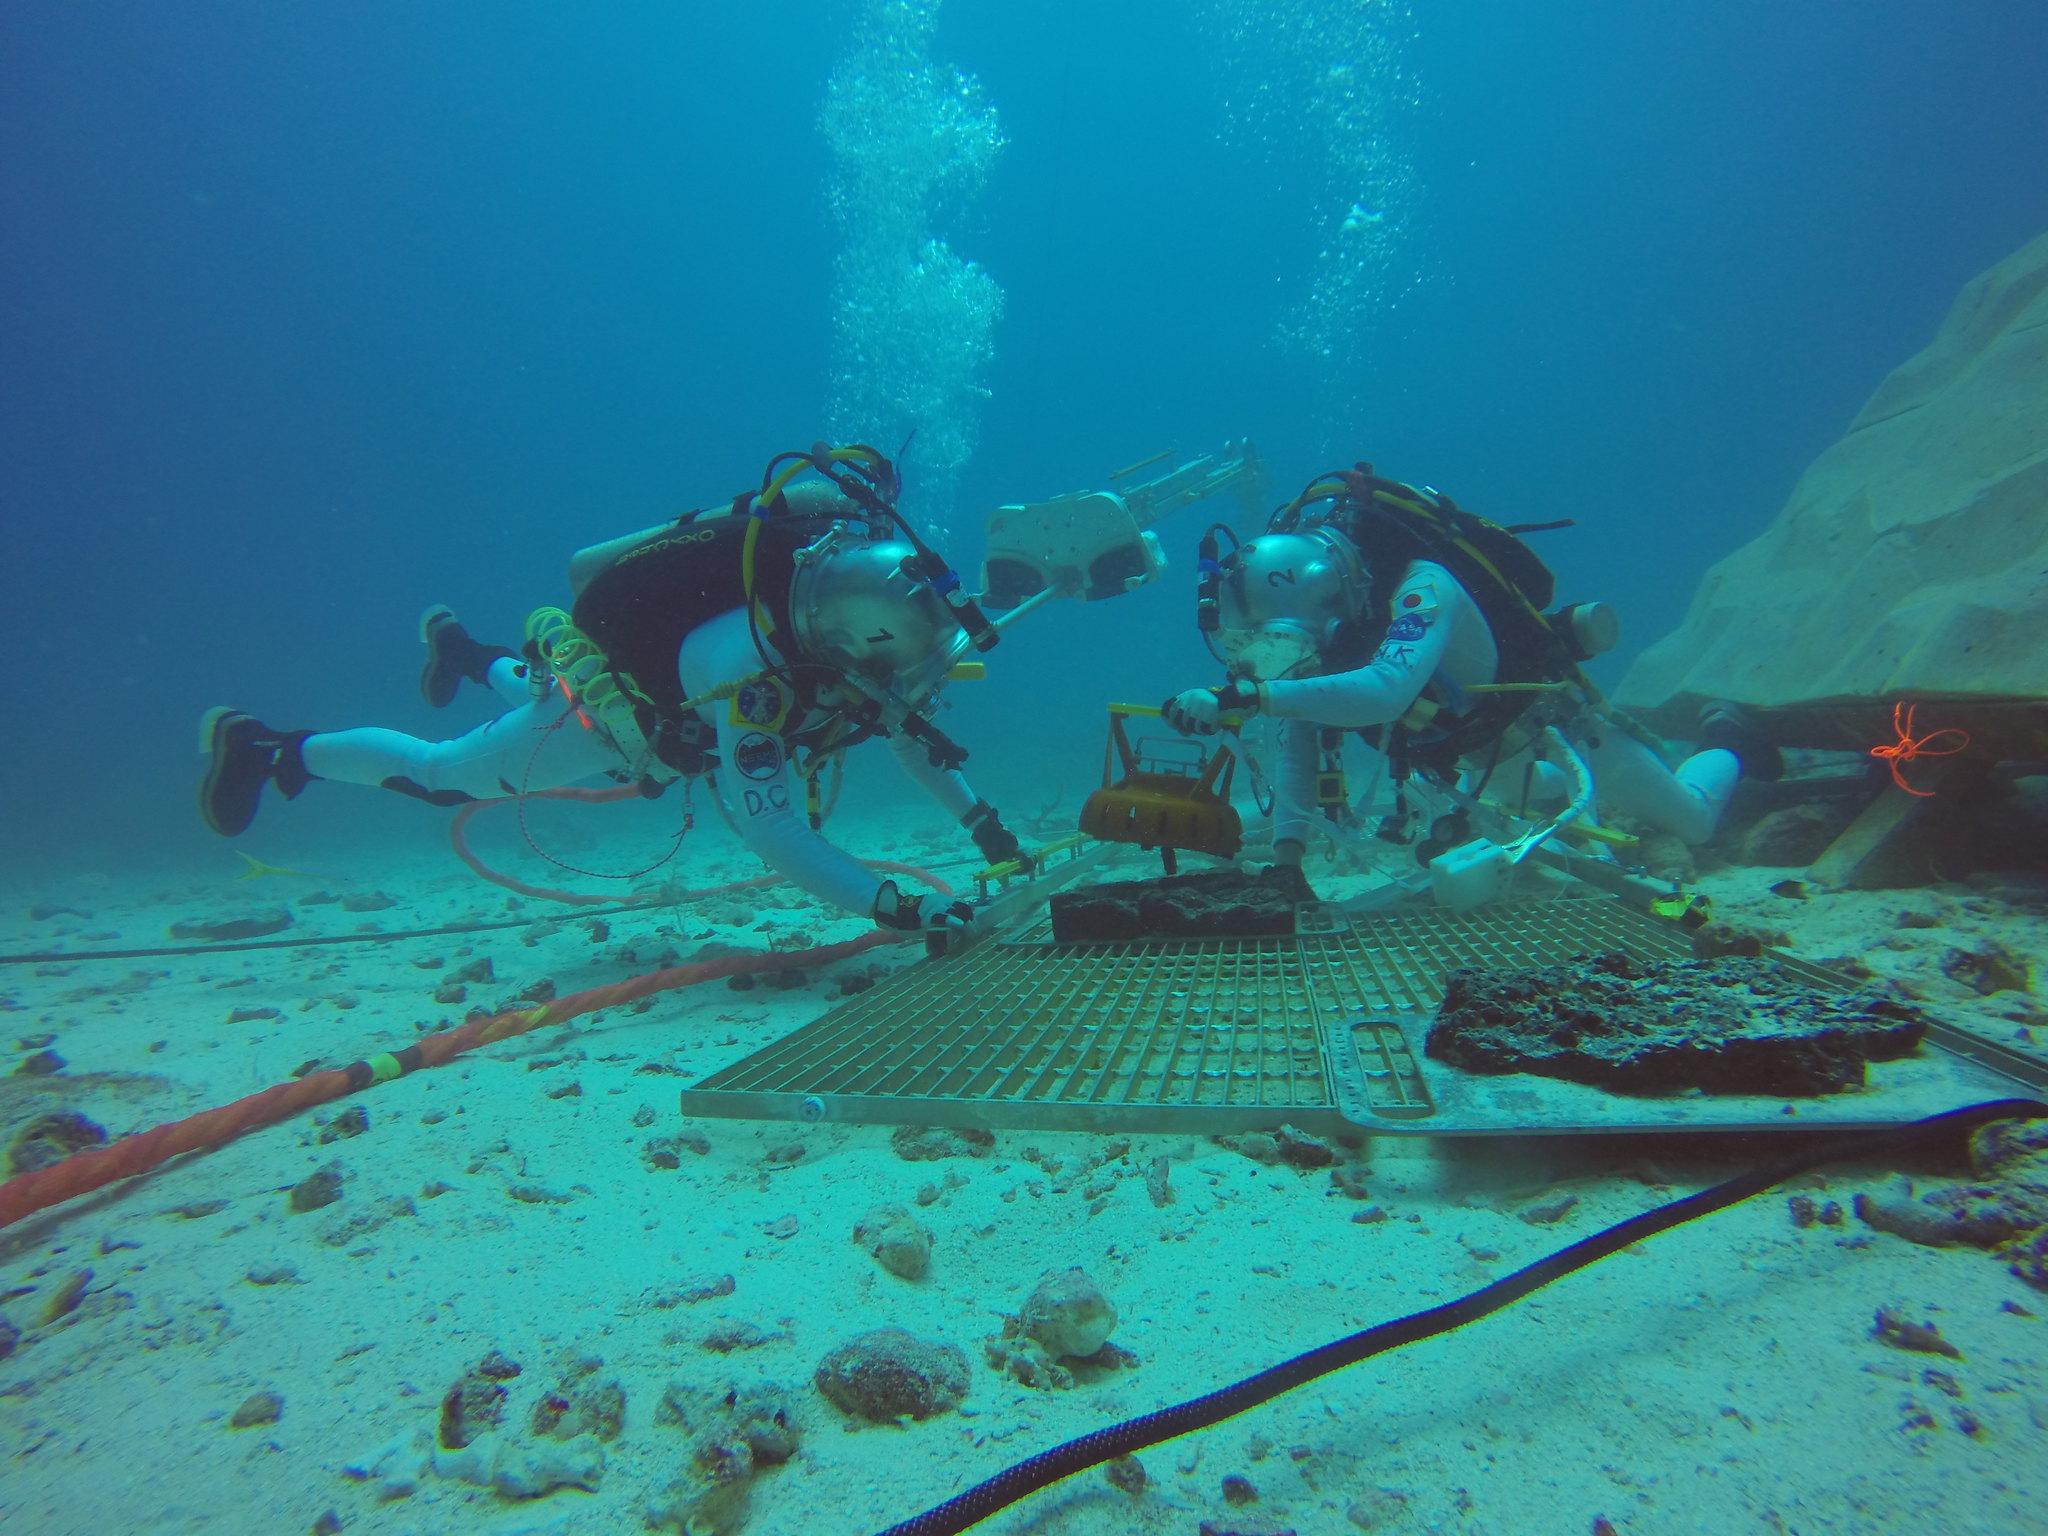 サンプル採集時に本体を安定させるため、ジェット推進研究所が開発した固定装置を岩石に取り付けるクルー (Photo courtesy of NASA)